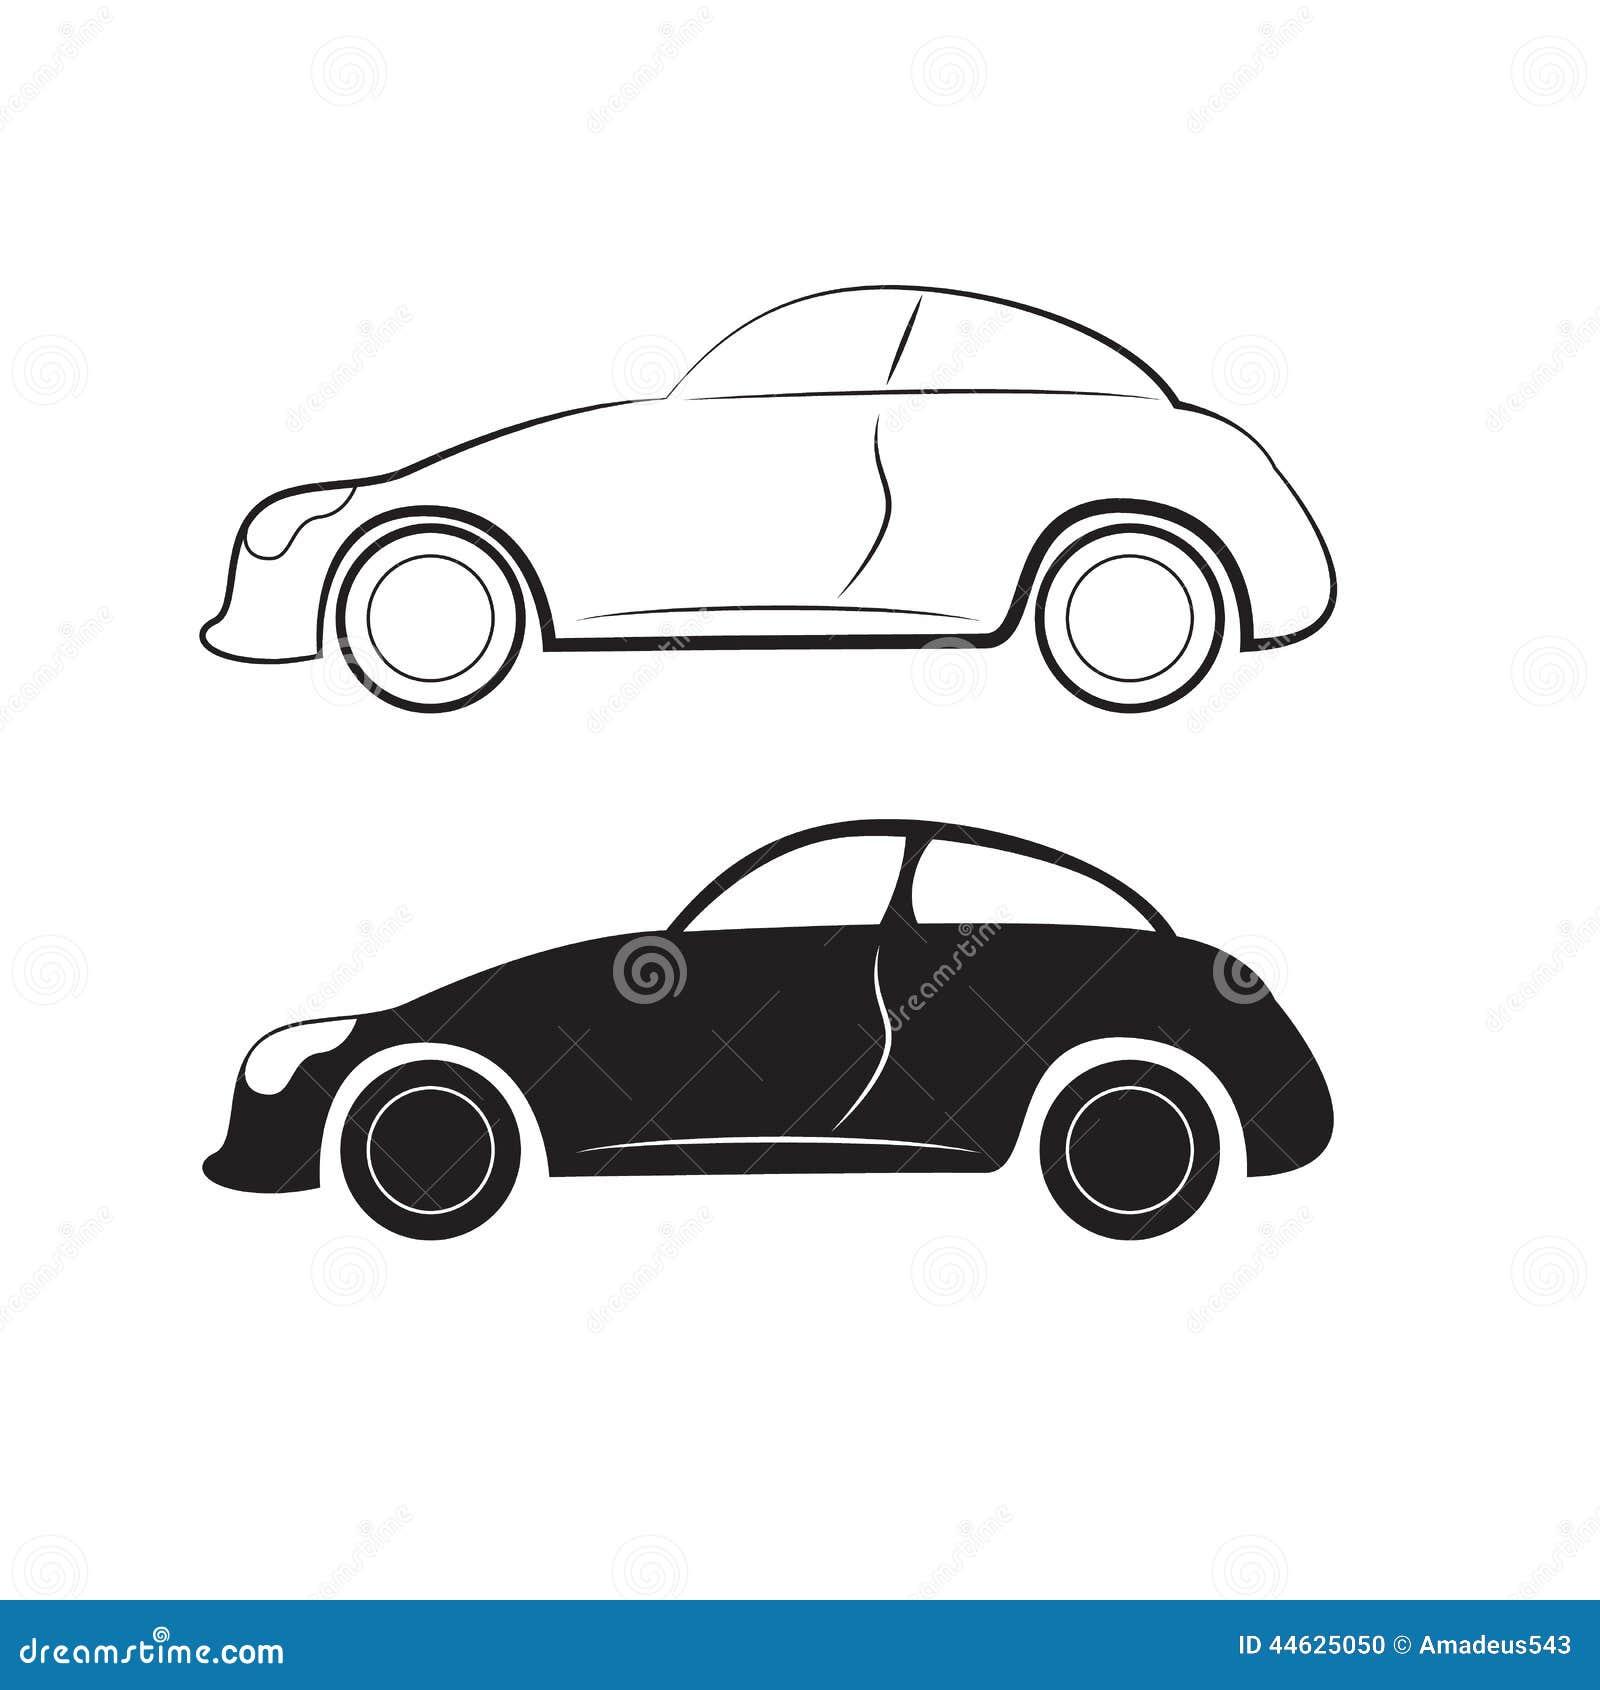 设计侧视图的汽车剪影高清图片